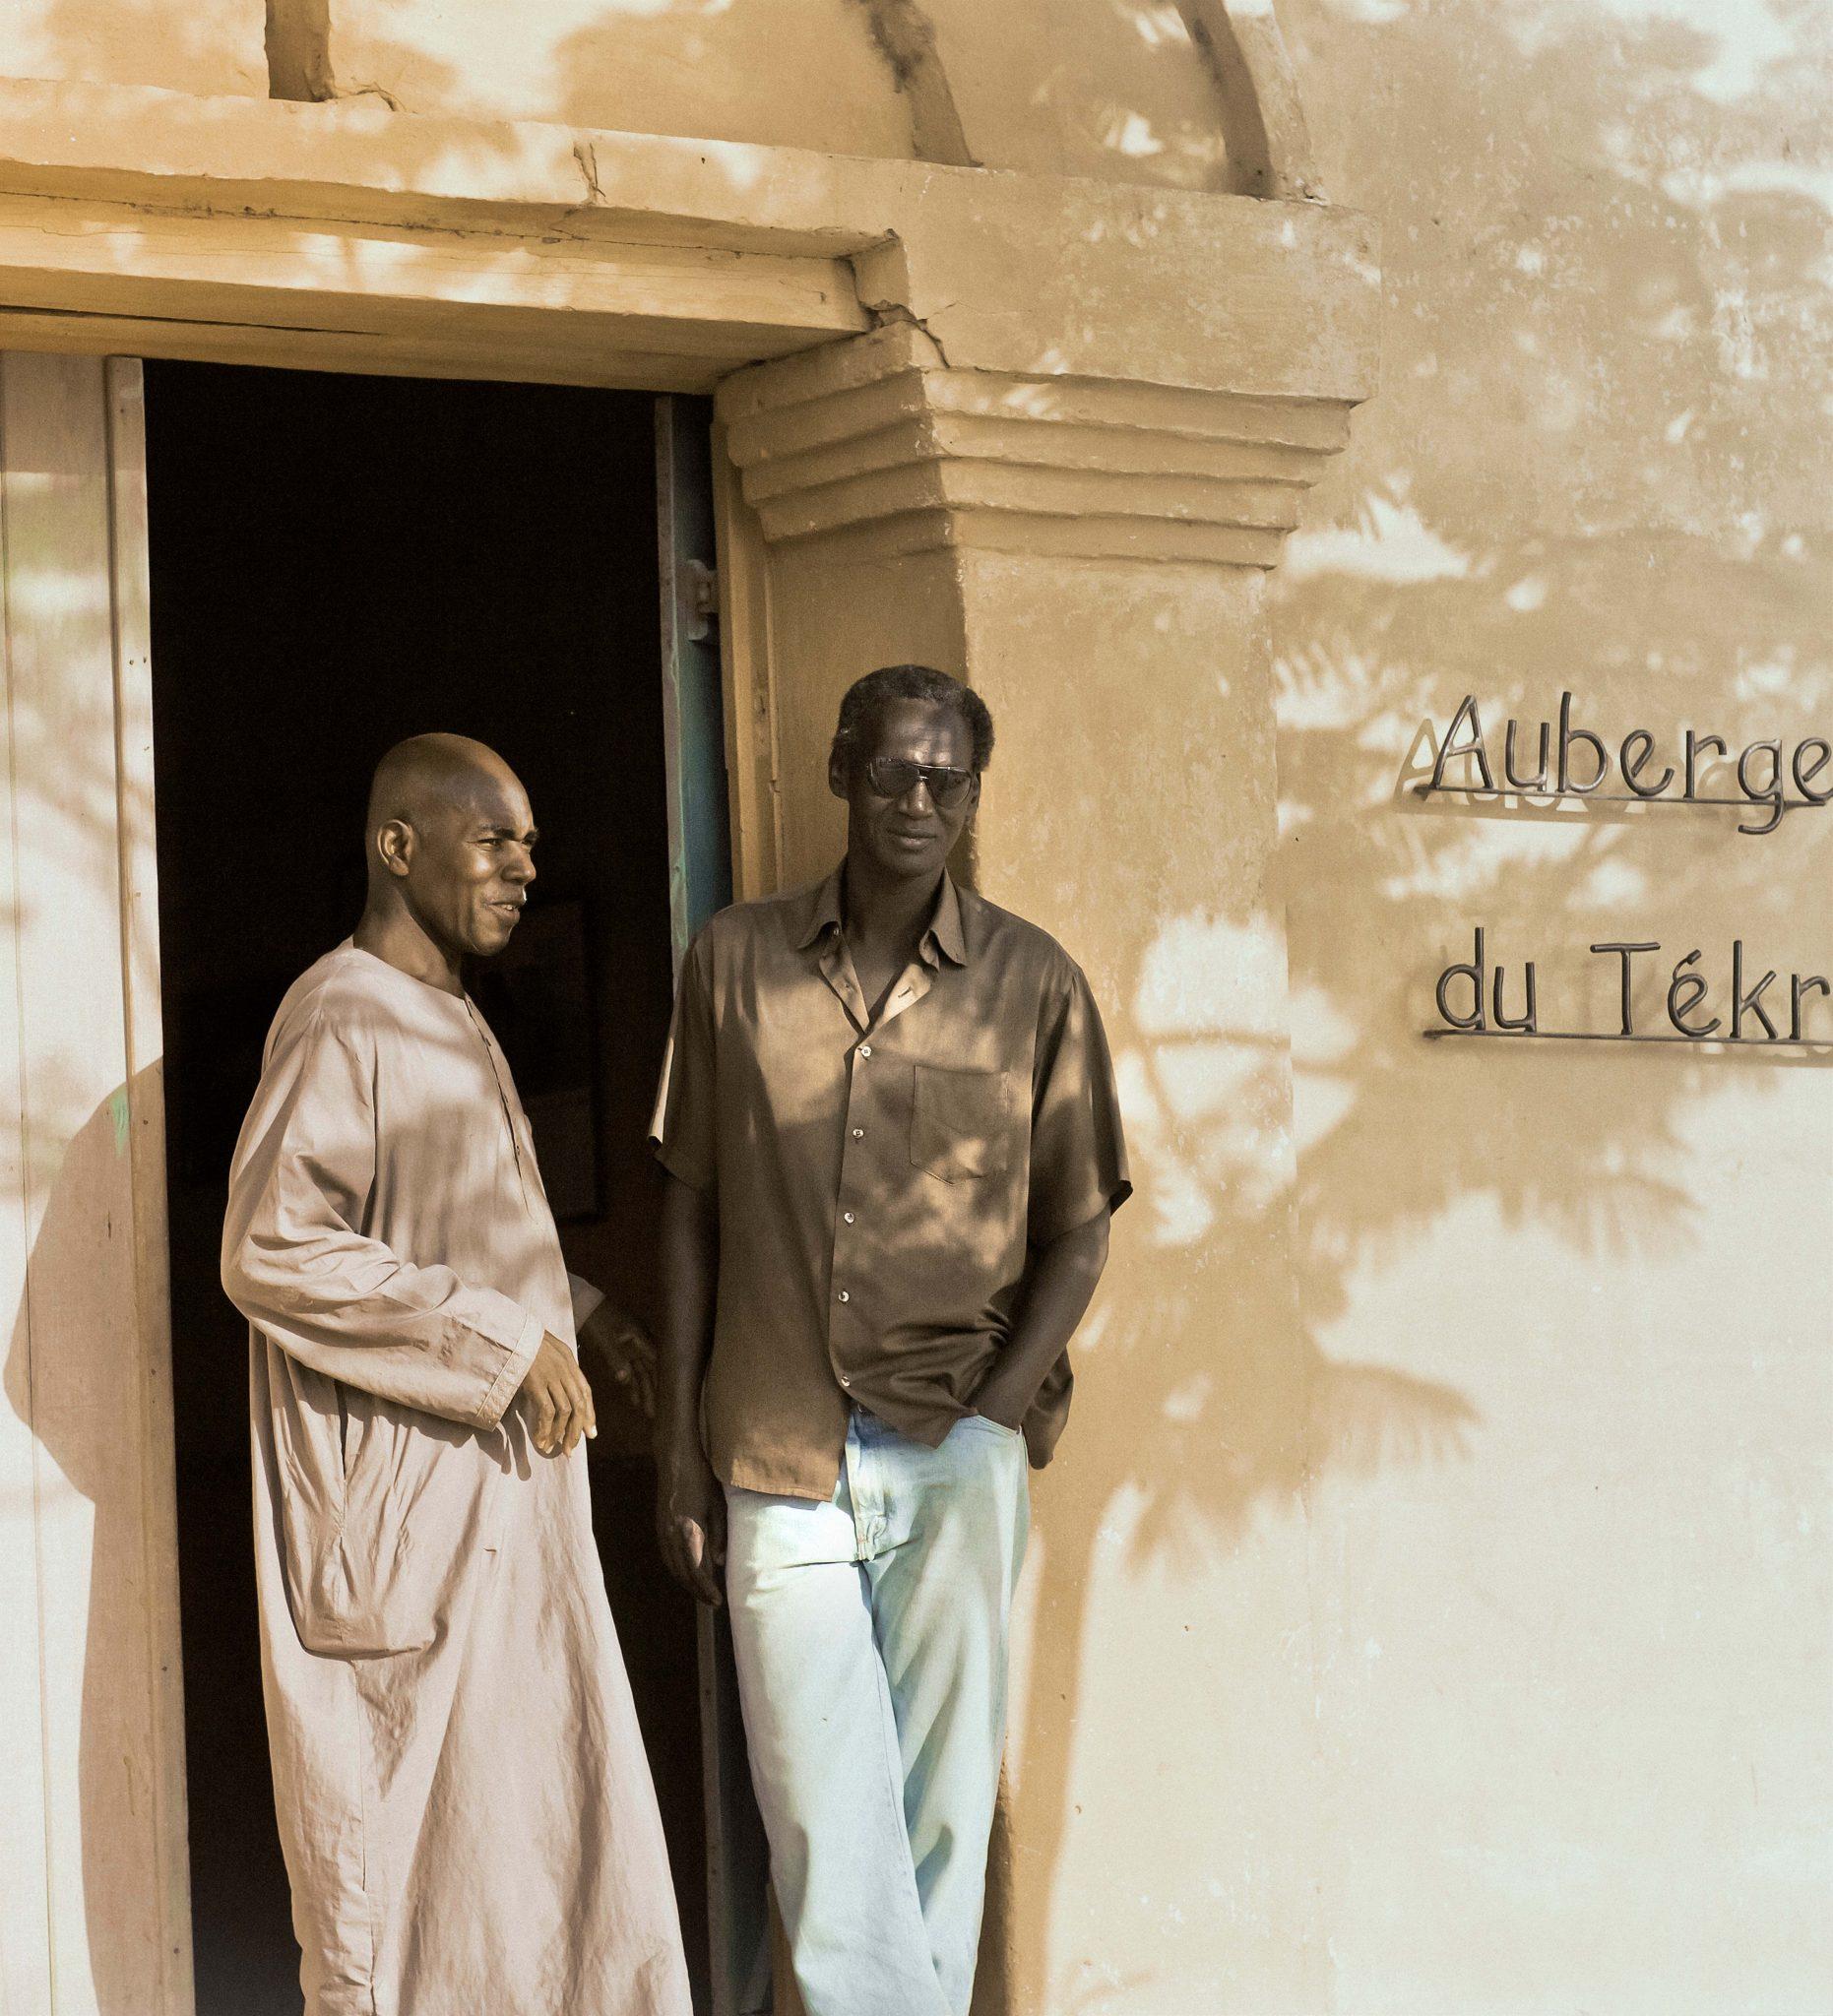 Two Men Standing in Doorway in Podor